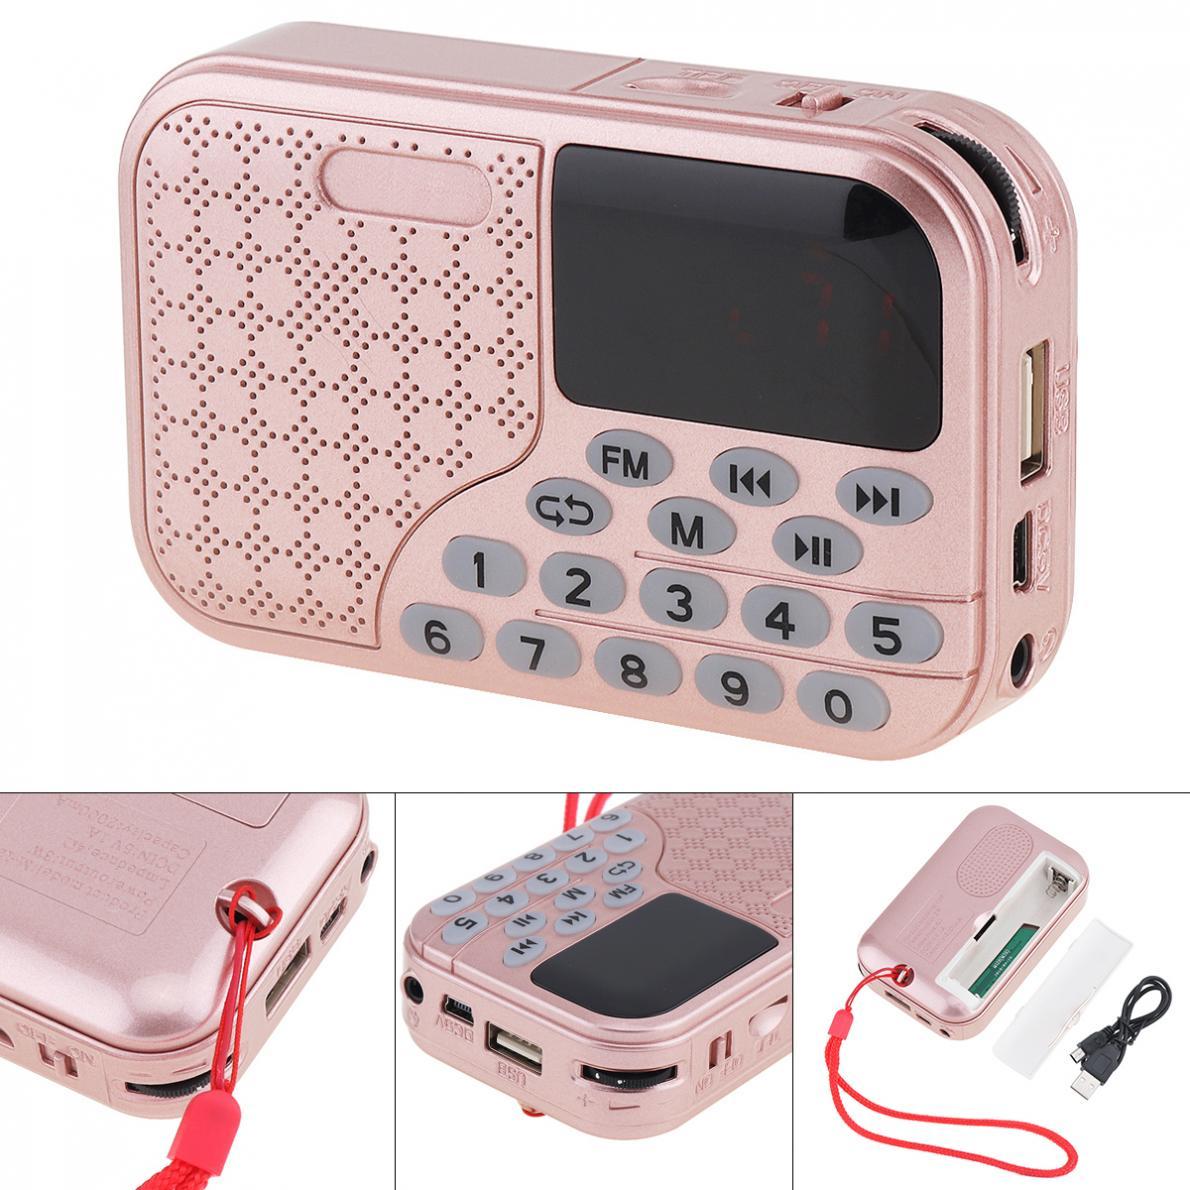 Unterhaltungselektronik Herzhaft E55 Tragbare Radio Mini Audio Karte Lautsprecher Fm Radio Mit 3,5mm Kopfhörer Jack Für Home/outdoor Farben Sind AuffäLlig